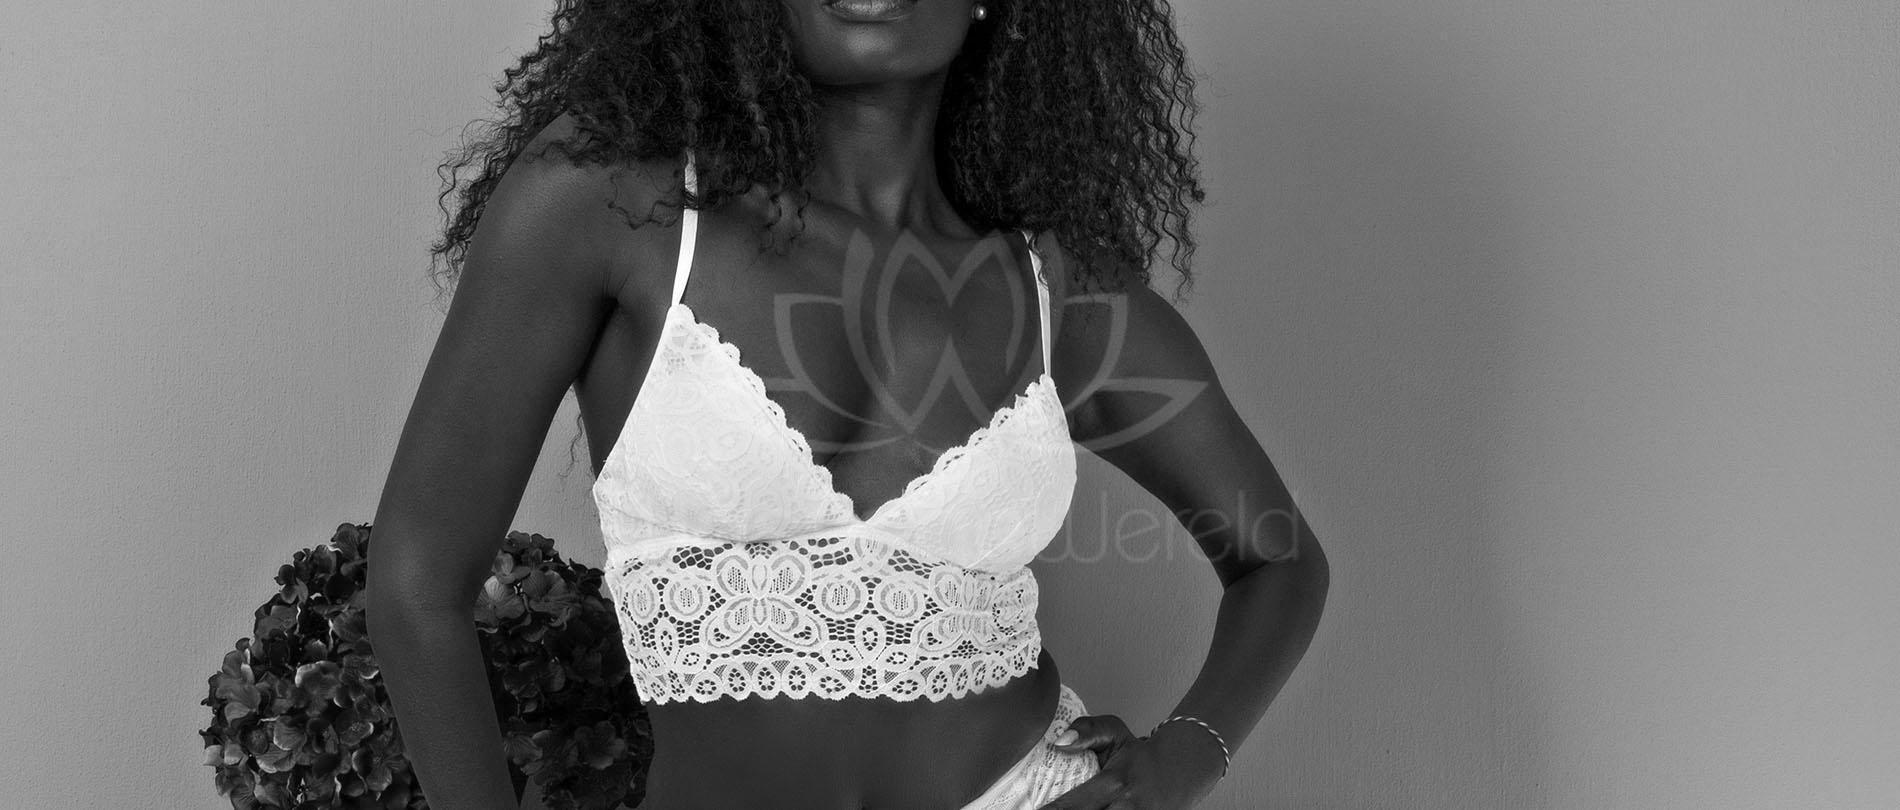 Amani from MassageWereld